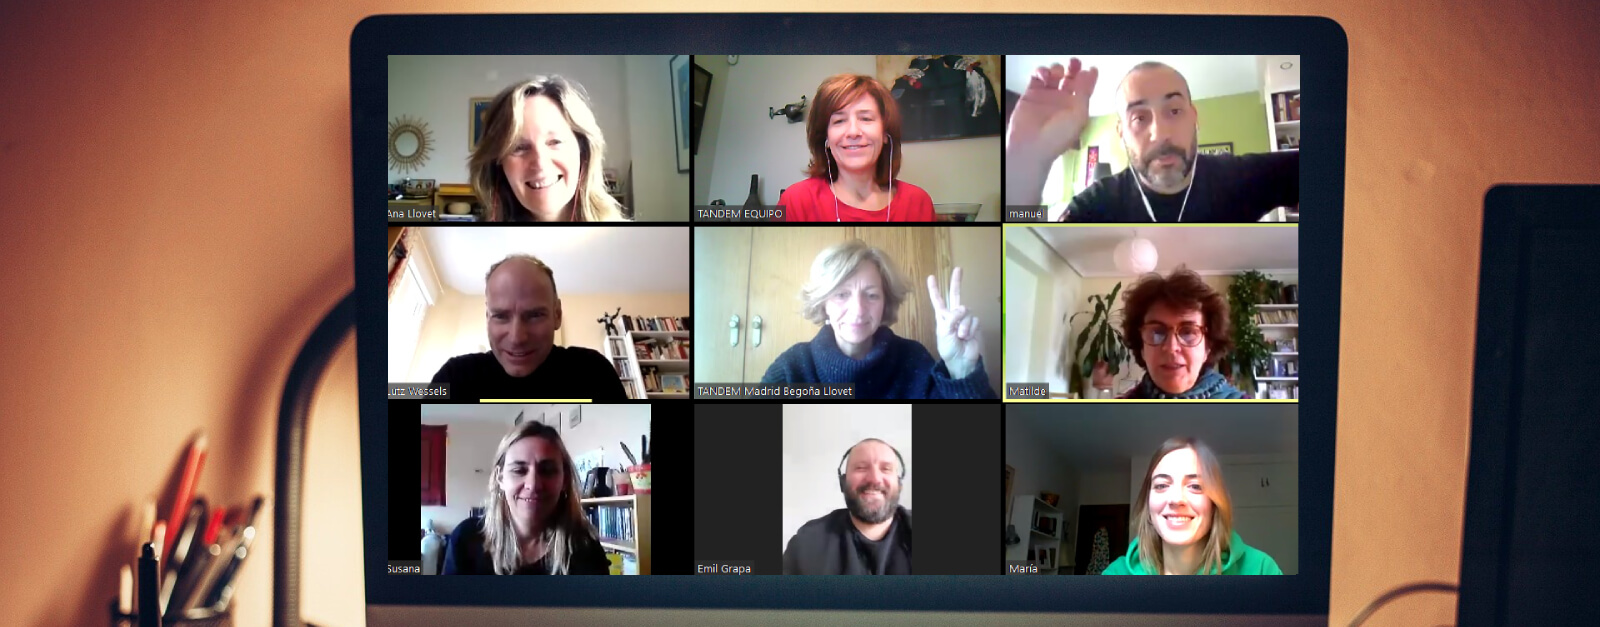 Header online videoconference